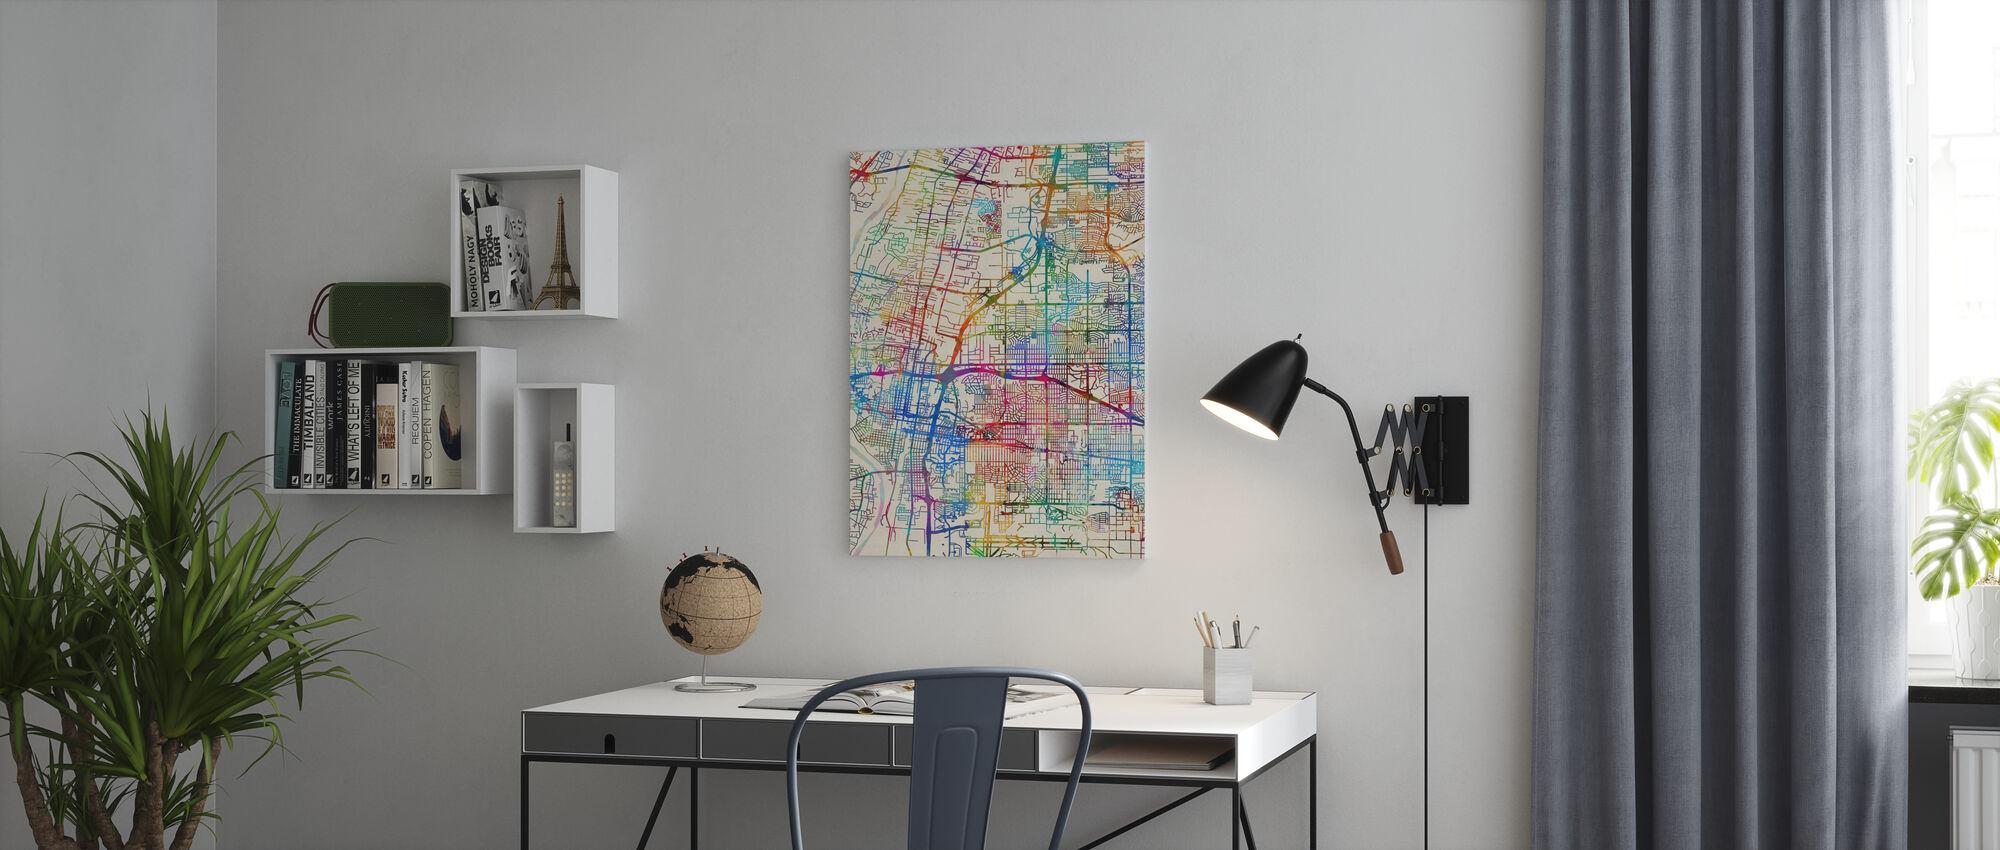 Albuquerque Nouveau-Mexique Street Map - Impression sur toile - Bureau